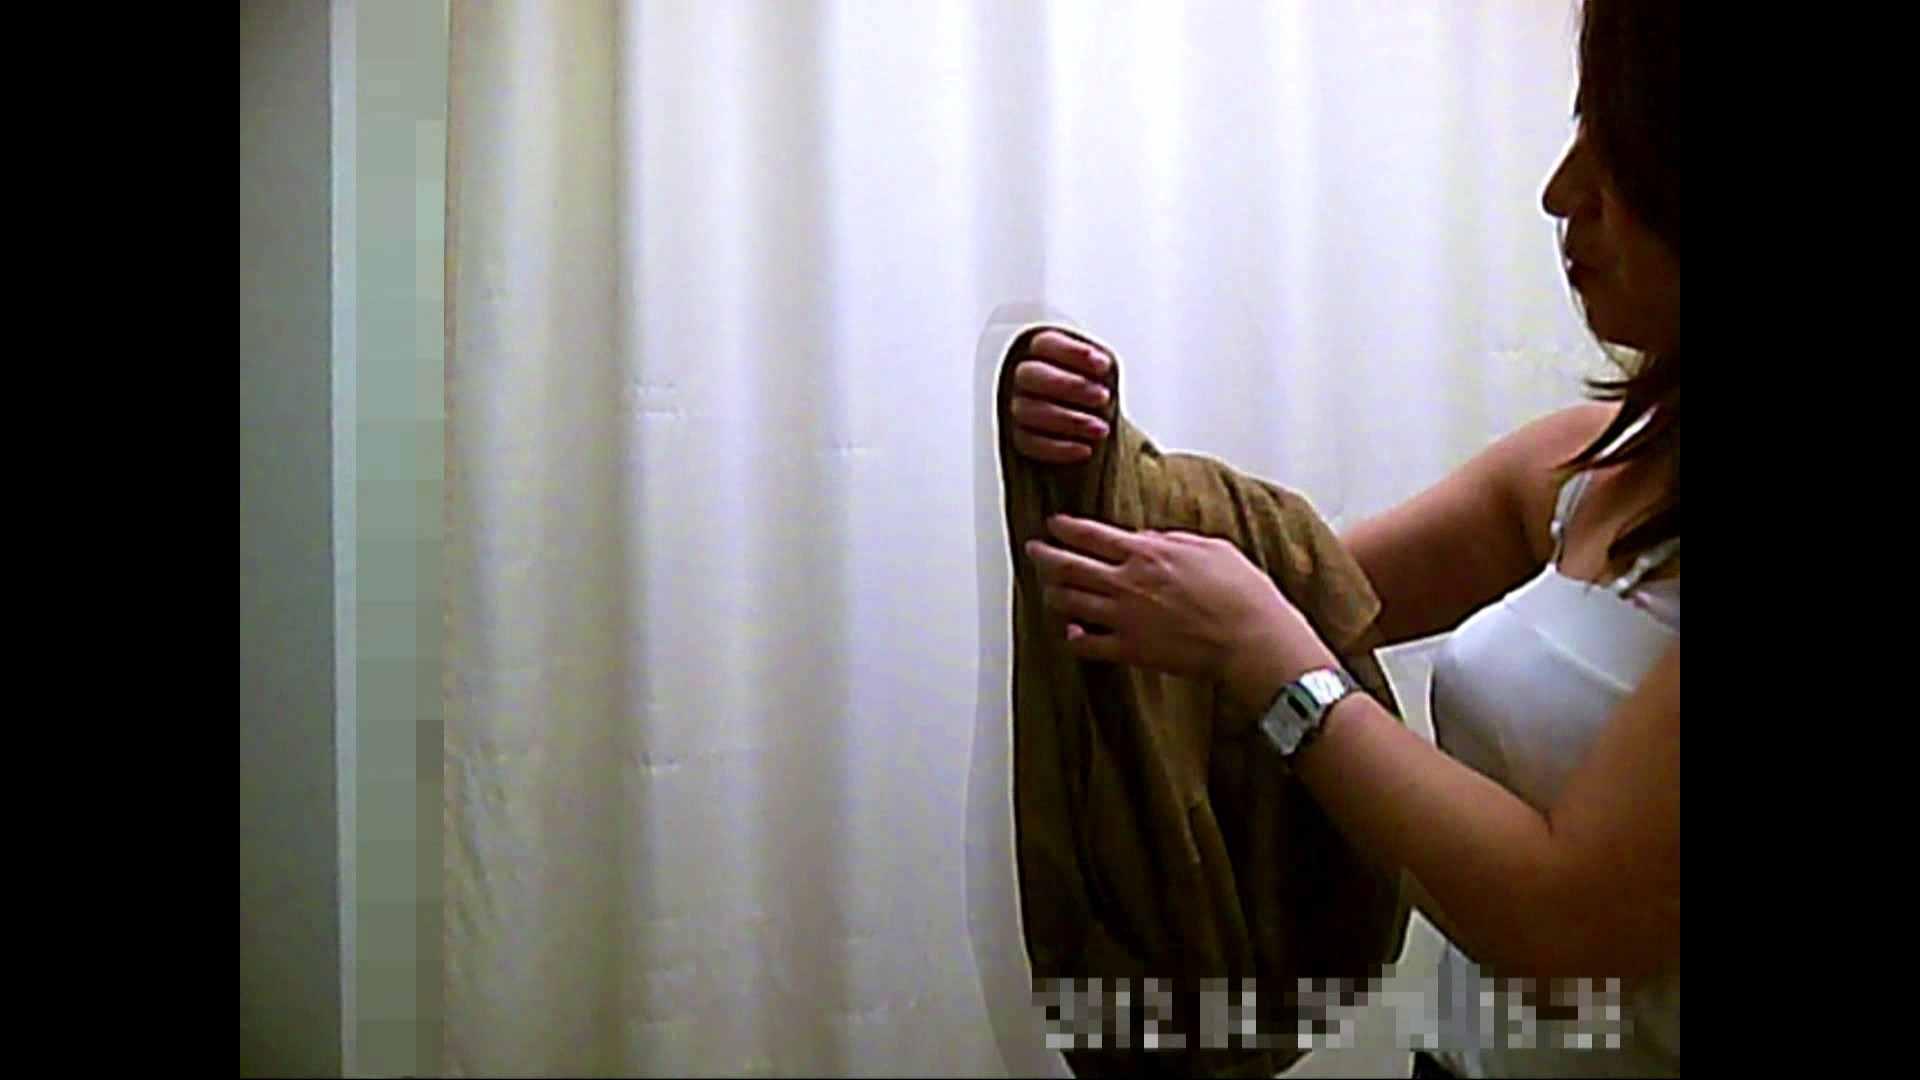 元医者による反抗 更衣室地獄絵巻 vol.009 エッチすぎるOL達 | 0  68連発 27